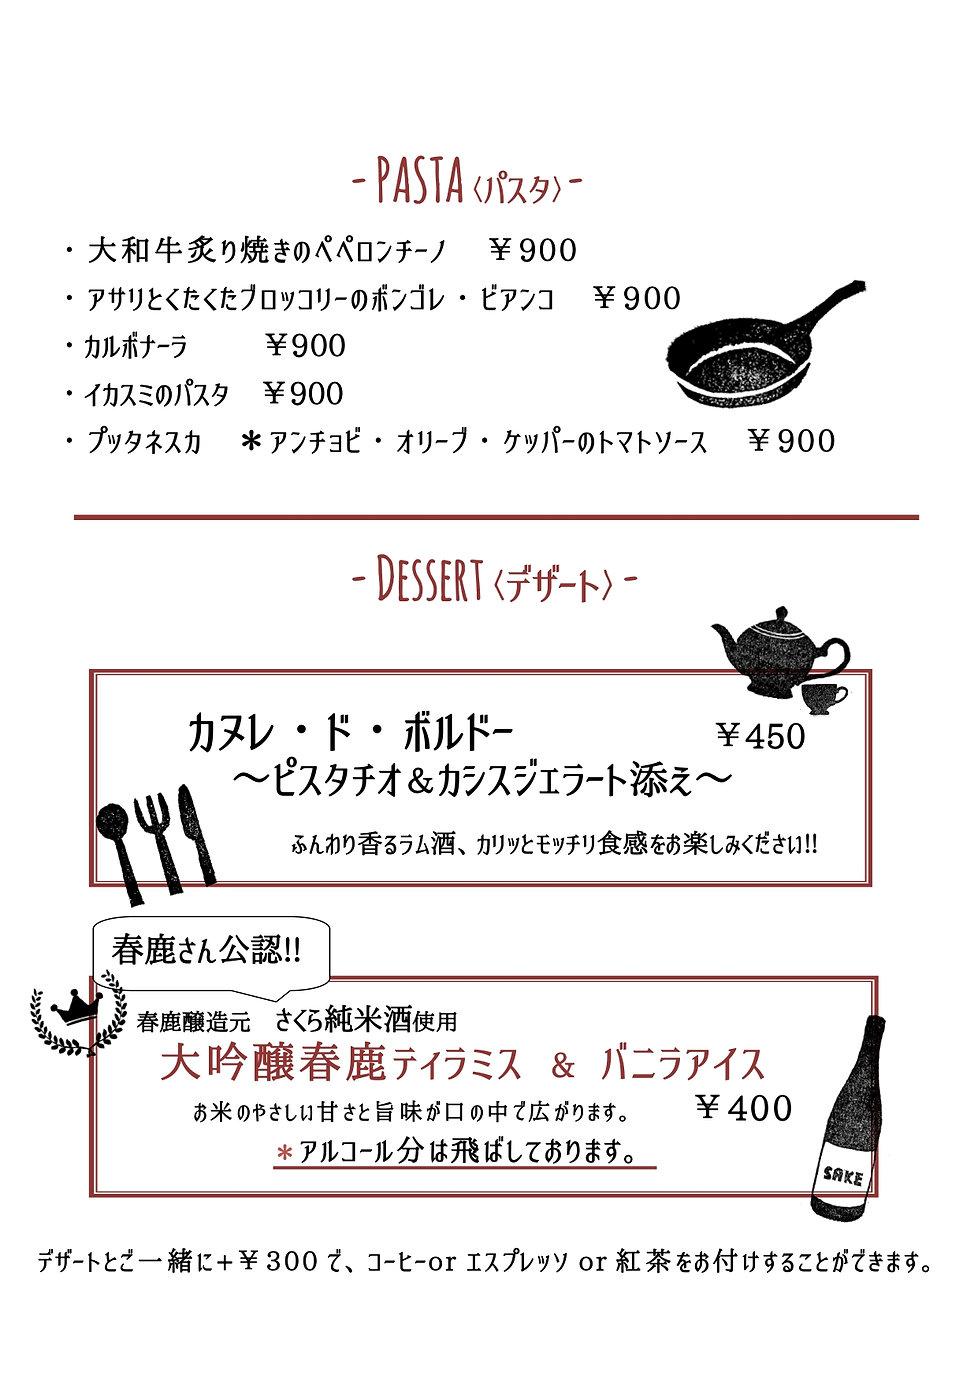 ディナーメニュー4 城山台4.5_page-0001(4).jpg